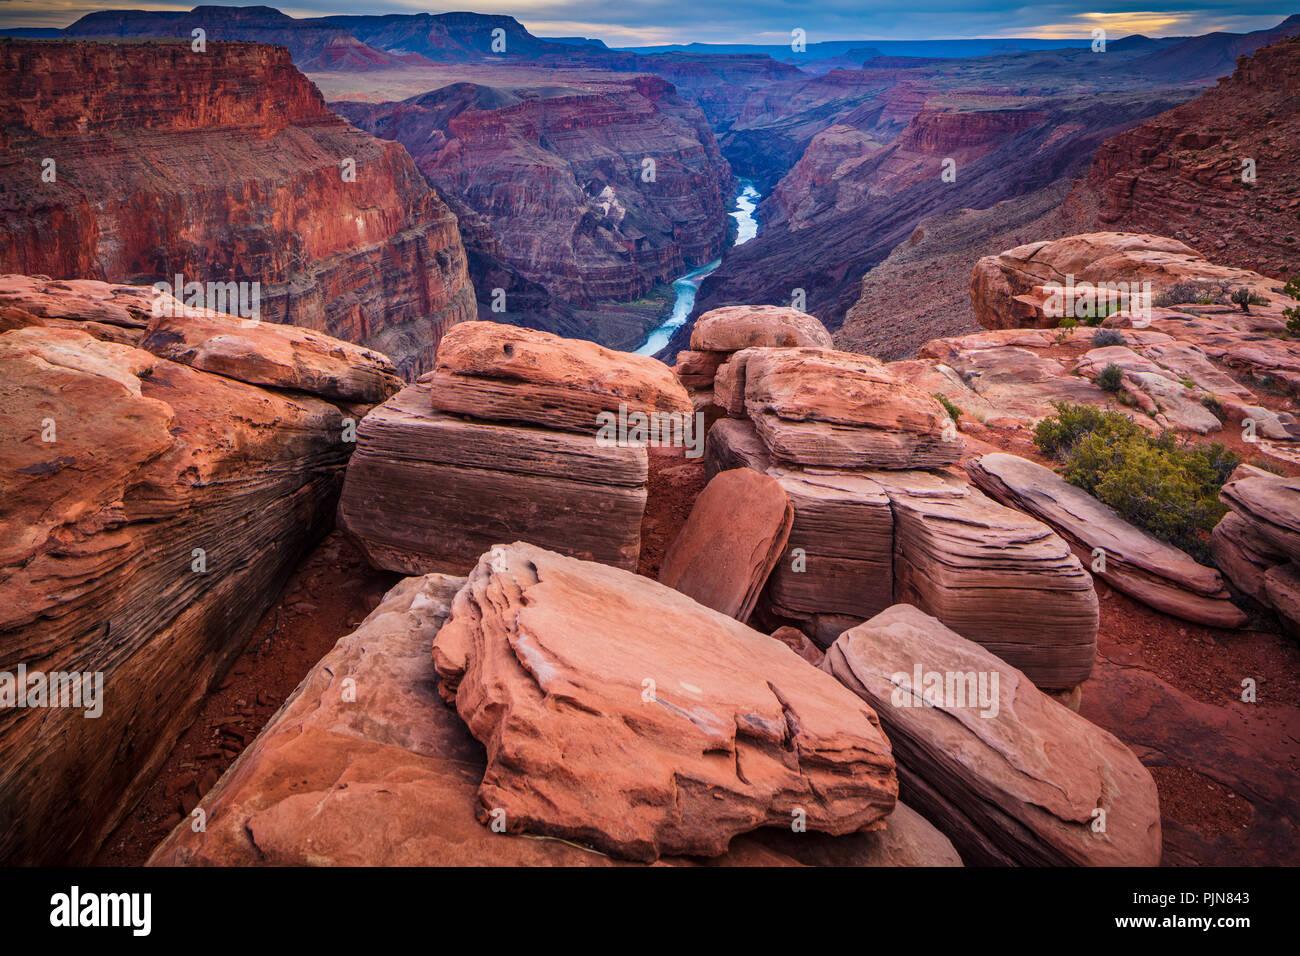 Grand Canyon Toroweap de punto. El Gran Cañón es una escarpada cara cañón tallado por el Río Colorado en el estado de Arizona. Foto de stock